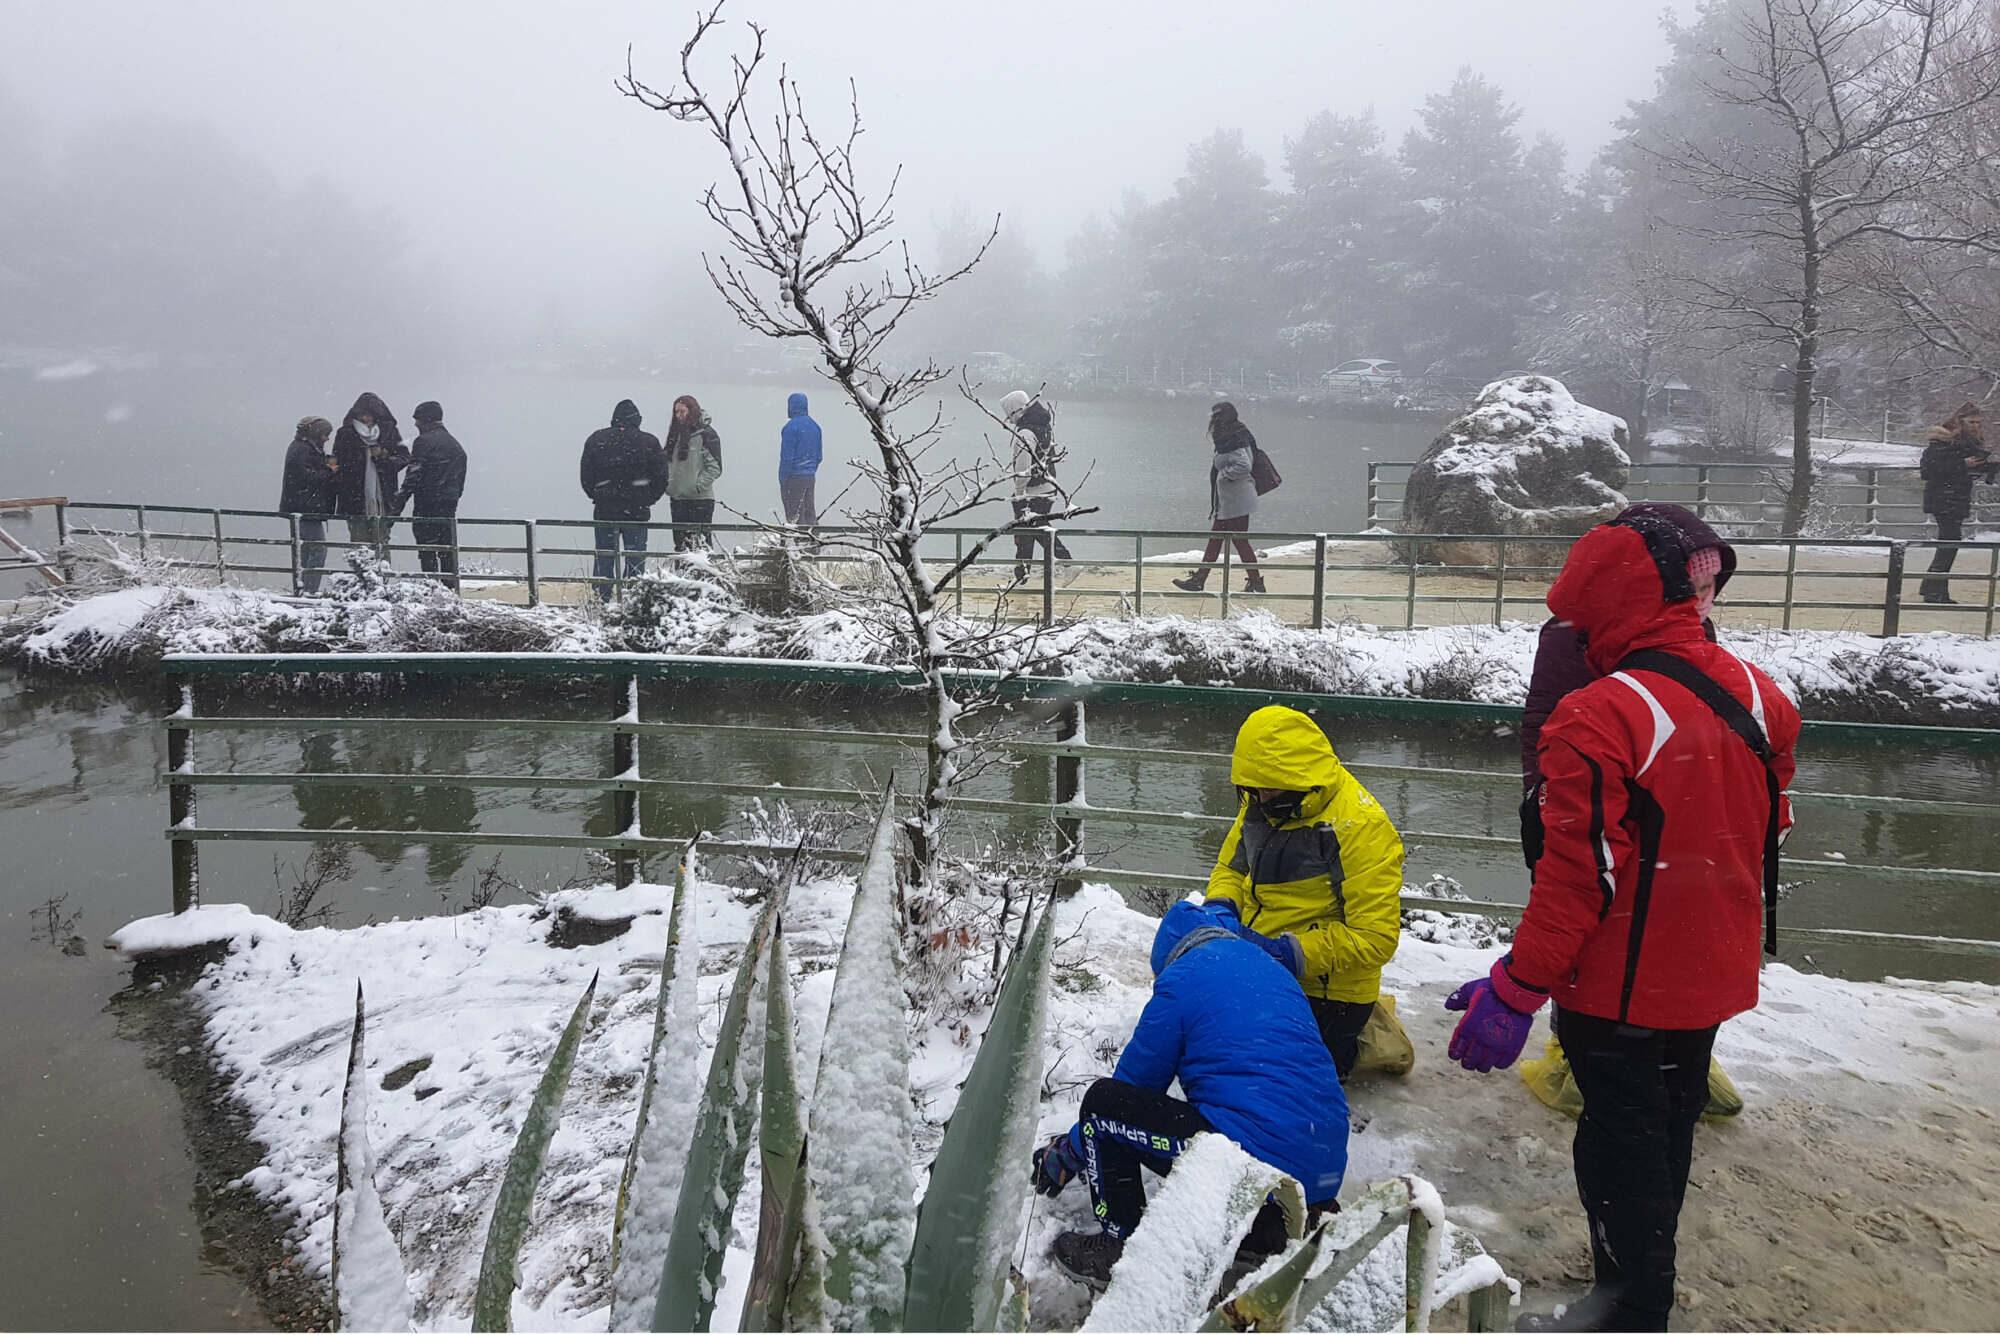 Λίμνη Μπελέτσι, στην Ιπποκράτειο Πολιτεία. Το χιόνι πάντα μαγνητίζει τους κατοίκους της πρωτεύουσας